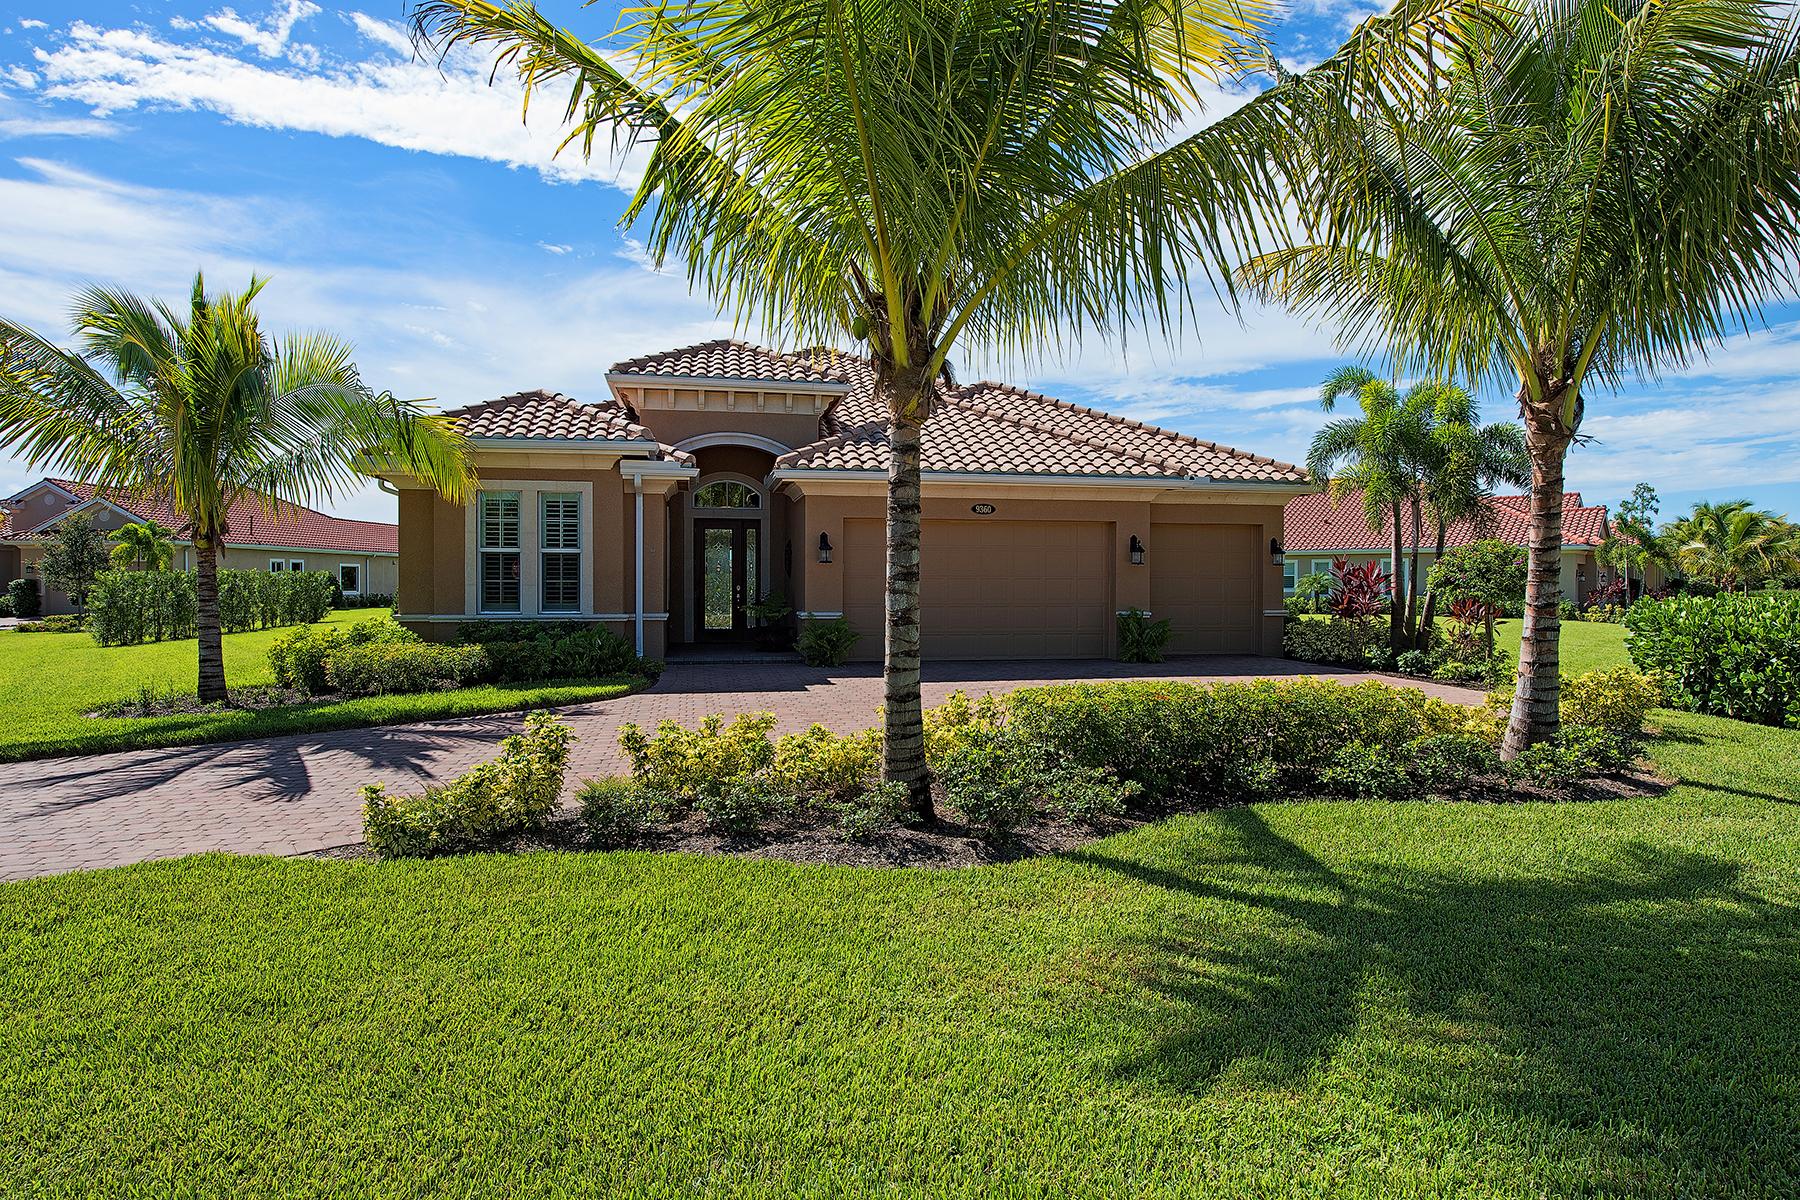 Tek Ailelik Ev için Satış at FIDDLERS CREEK 9360 Vadala Bend Ct Naples, Florida, 34114 Amerika Birleşik Devletleri